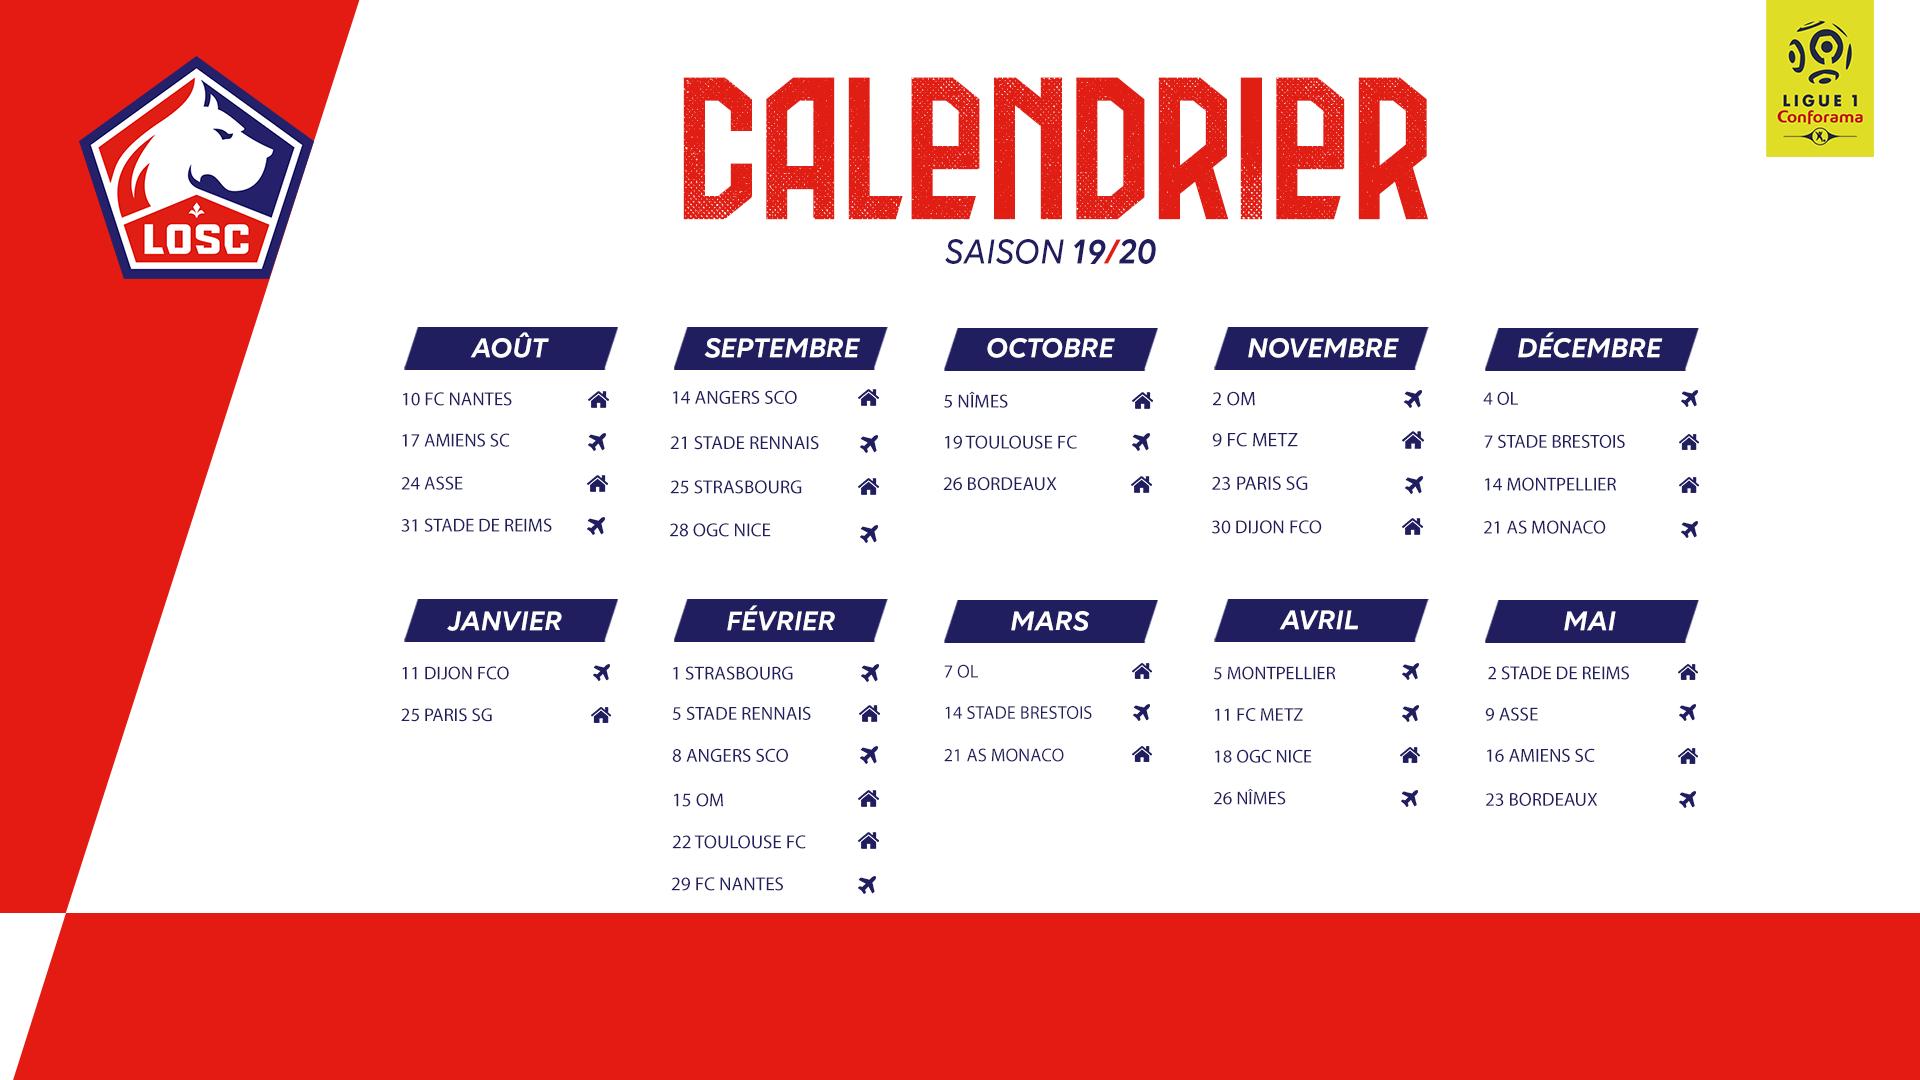 Calendrier Psg 2020.Le Calendrier 2019 20 Devoile Lille Losc